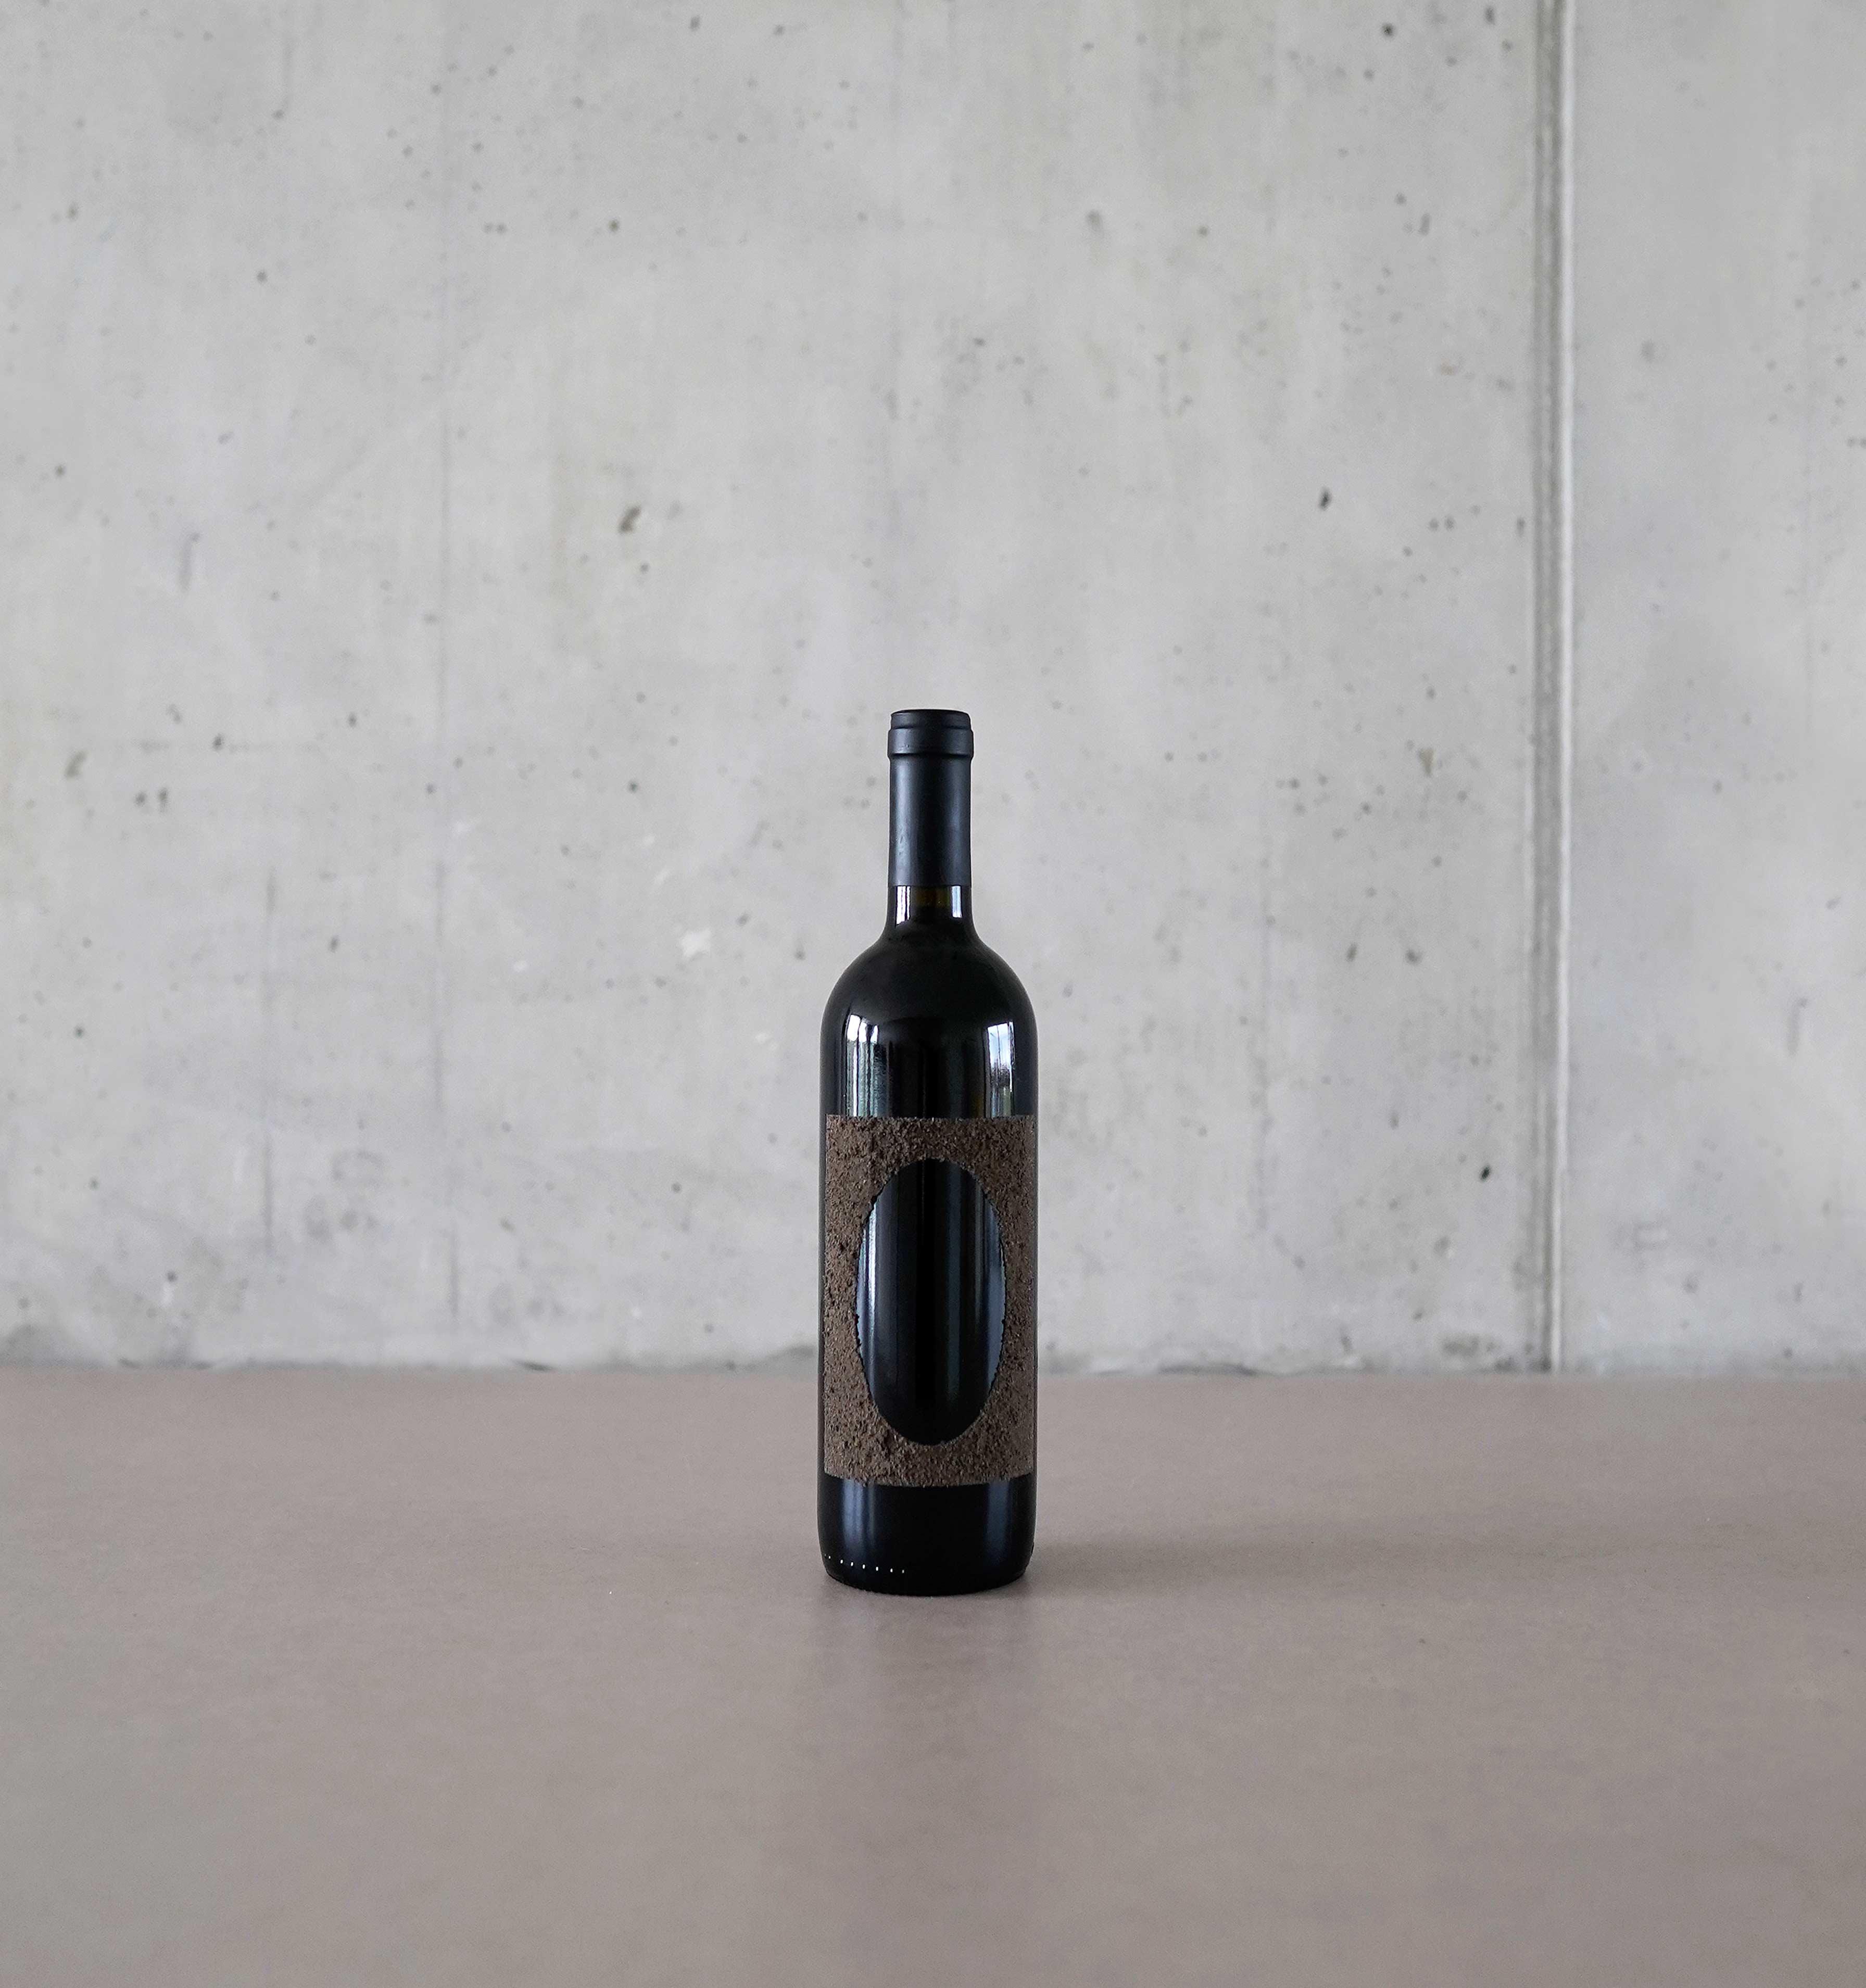 Wine Bottle - Process